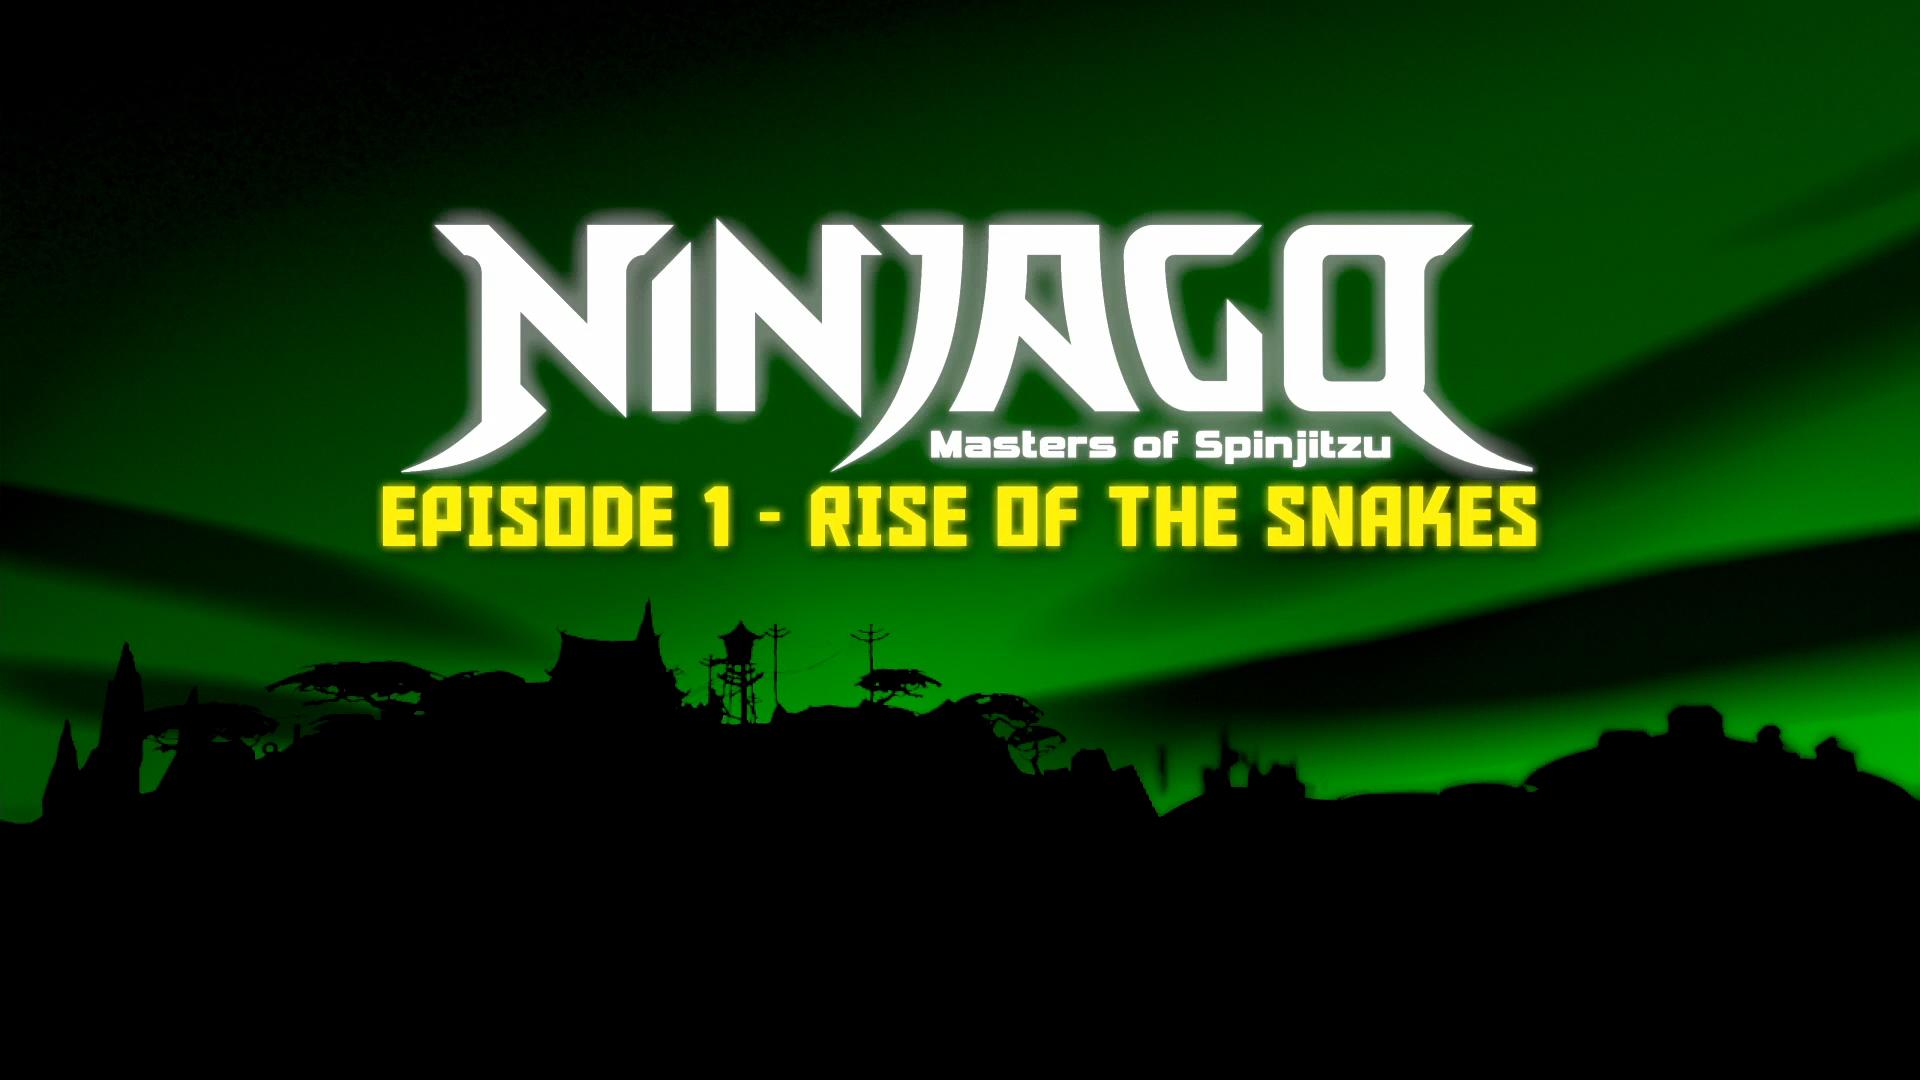 Возвращение змей